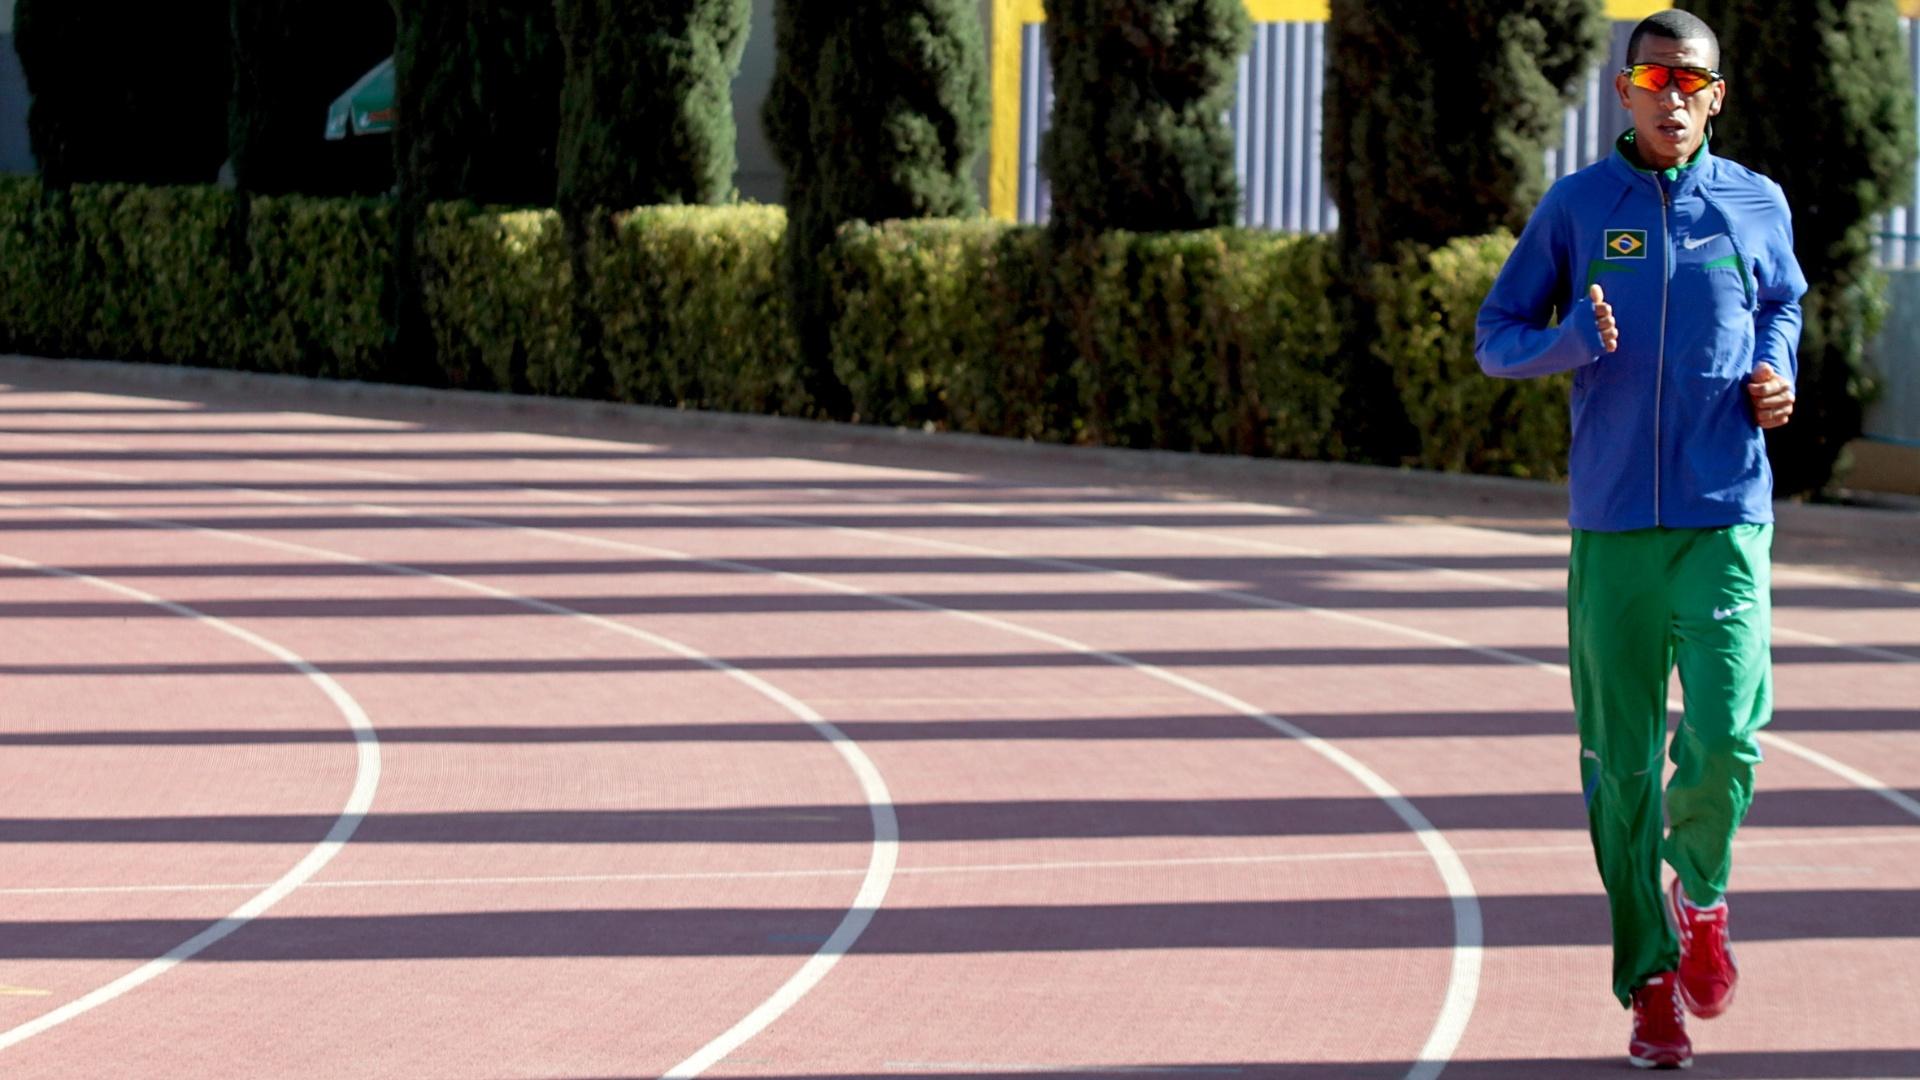 Solonei Rocha participa de treino no Centro Esportivo La Loma, em San Luis Potosí (México)